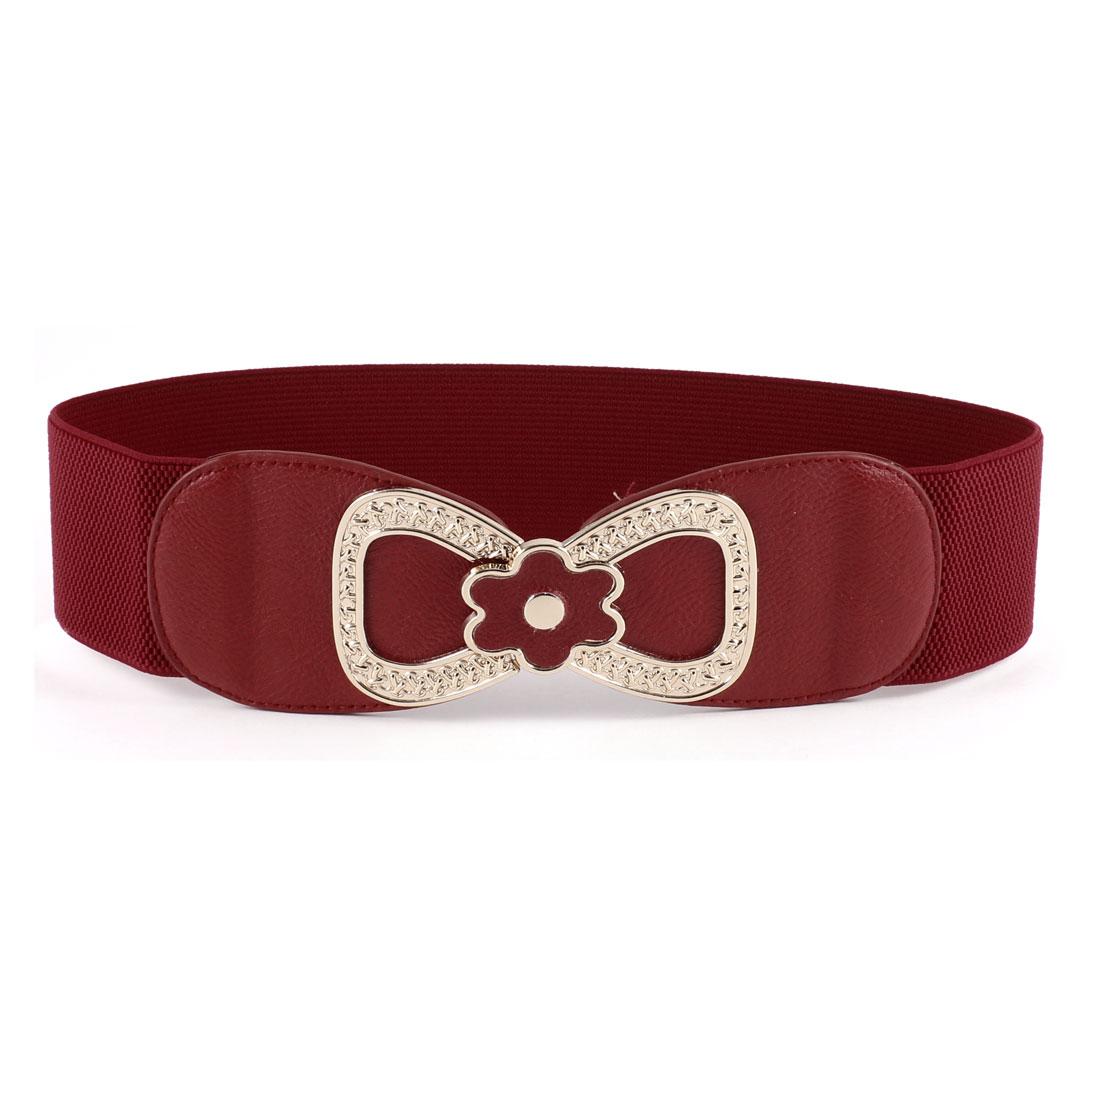 Metal 8 Style Interlocking Buckle 6cm Wide Elastic Belt Red for Ladies